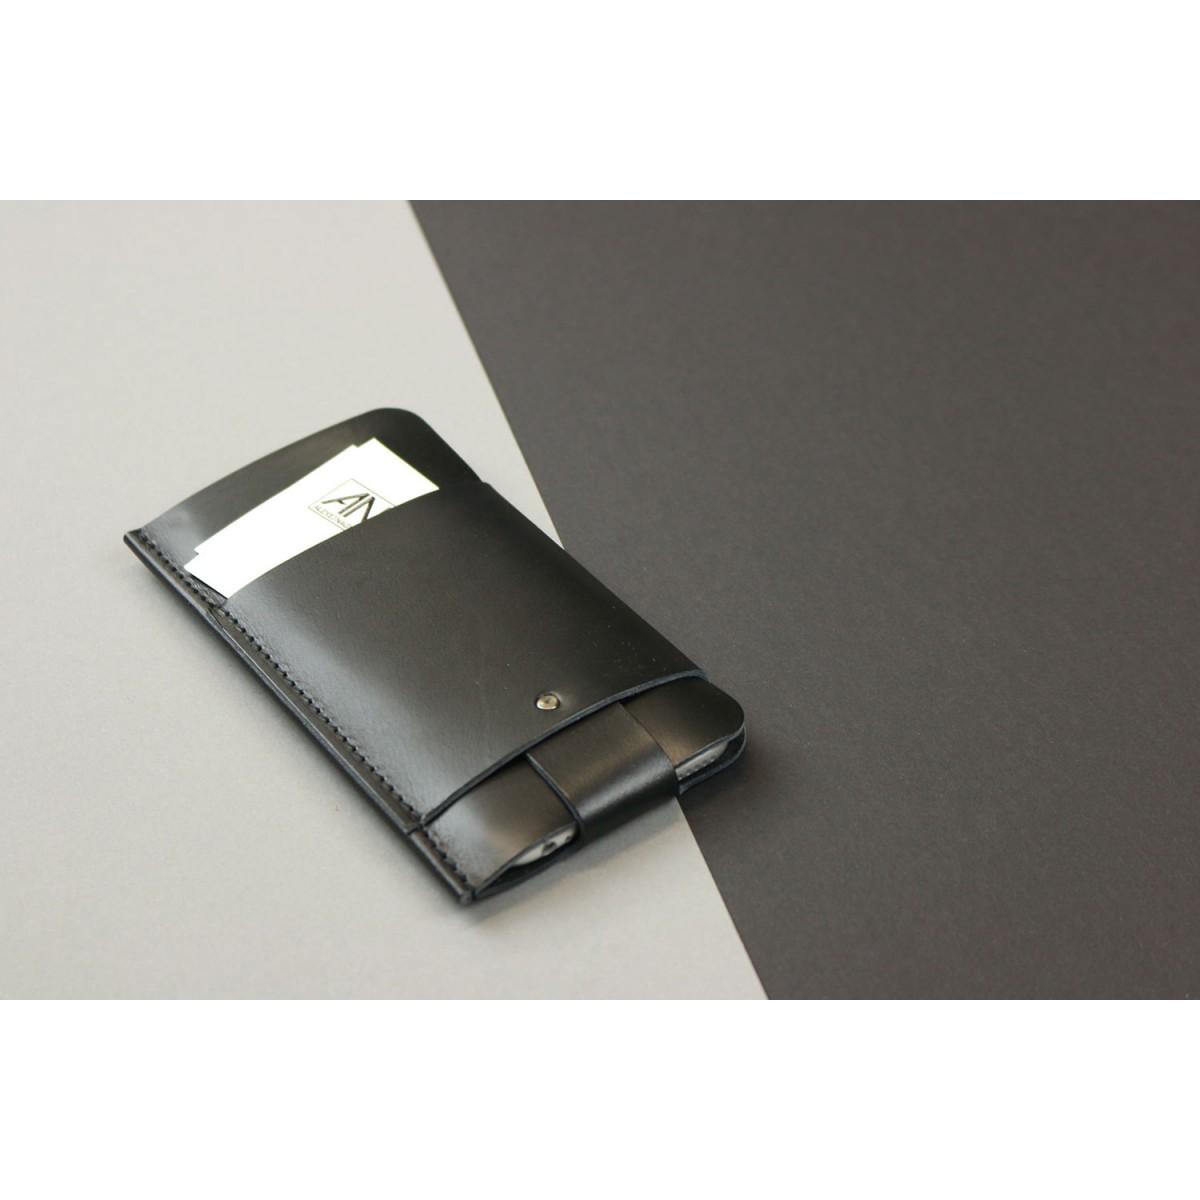 Alexej Nagel Slim Fit Hülle für iPhone 6 / 6S / 7 aus Premium Leder - Schwarz [BL]